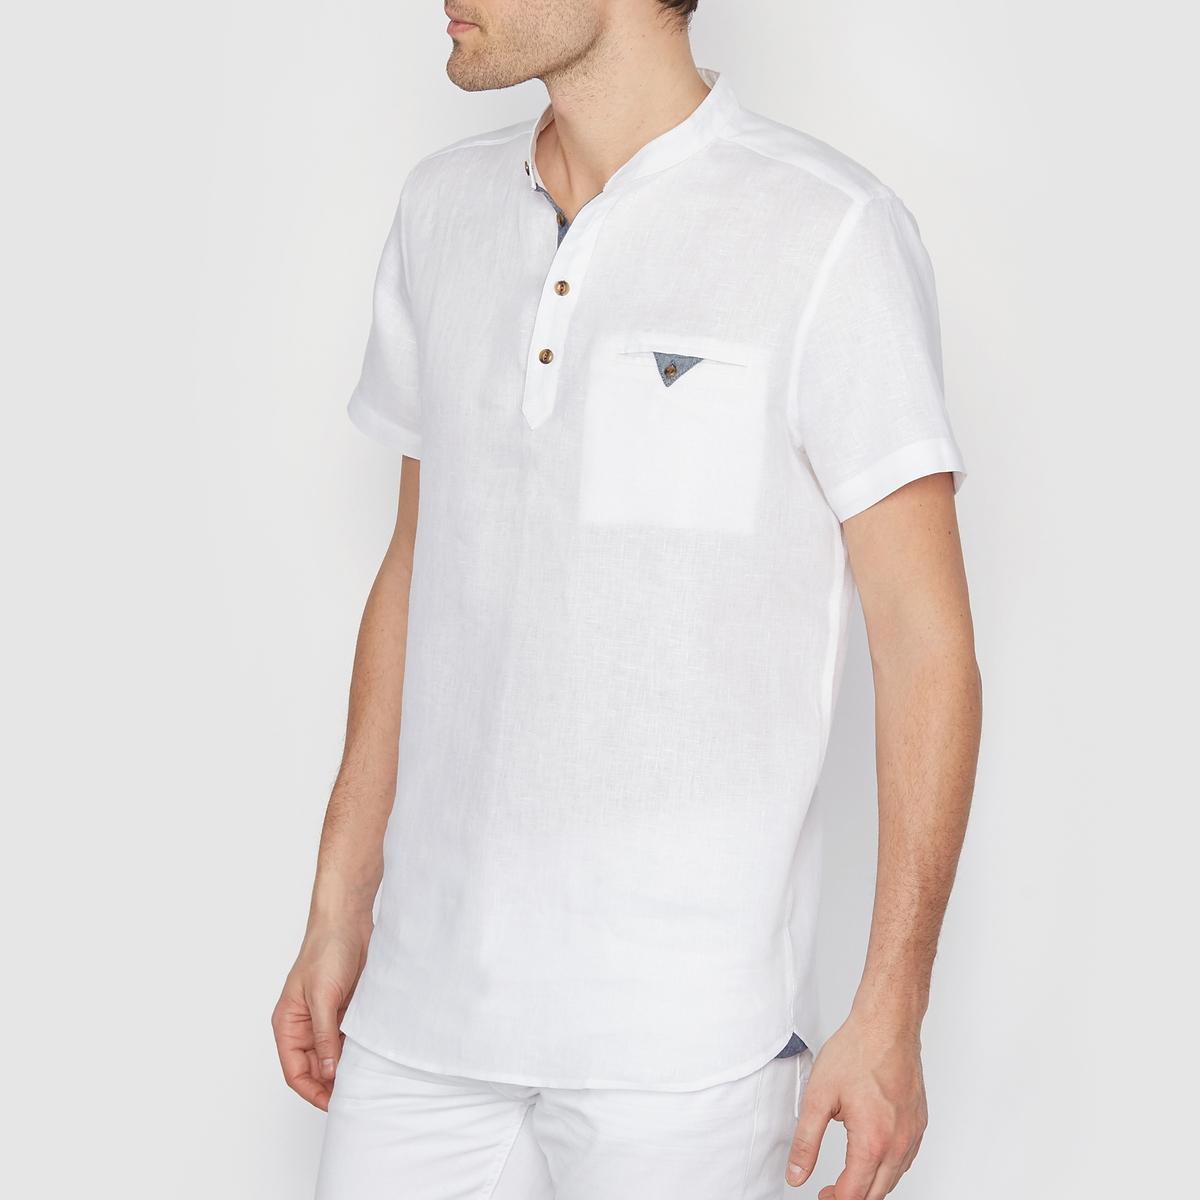 Рубашка из 100% льна, свободный покрой, короткие рукаваРубашка из 100% льна, SOFT GREY. Свободный покрой. Короткие рукава. Воротник-стойка (мао), тунисский вырез с застежкой на пуговицы. 1 нагрудный прорезной карман на пуговице. Манжеты застегиваются на пуговицы. Рубашечный низ. Детали из шамбре на планке-застежке и кармане.Состав и описаниеМарка: SOFT GREY.Материал: 100% льна. УходМашинная стирка при 30°C.<br><br>Цвет: белый<br>Размер: 35/36